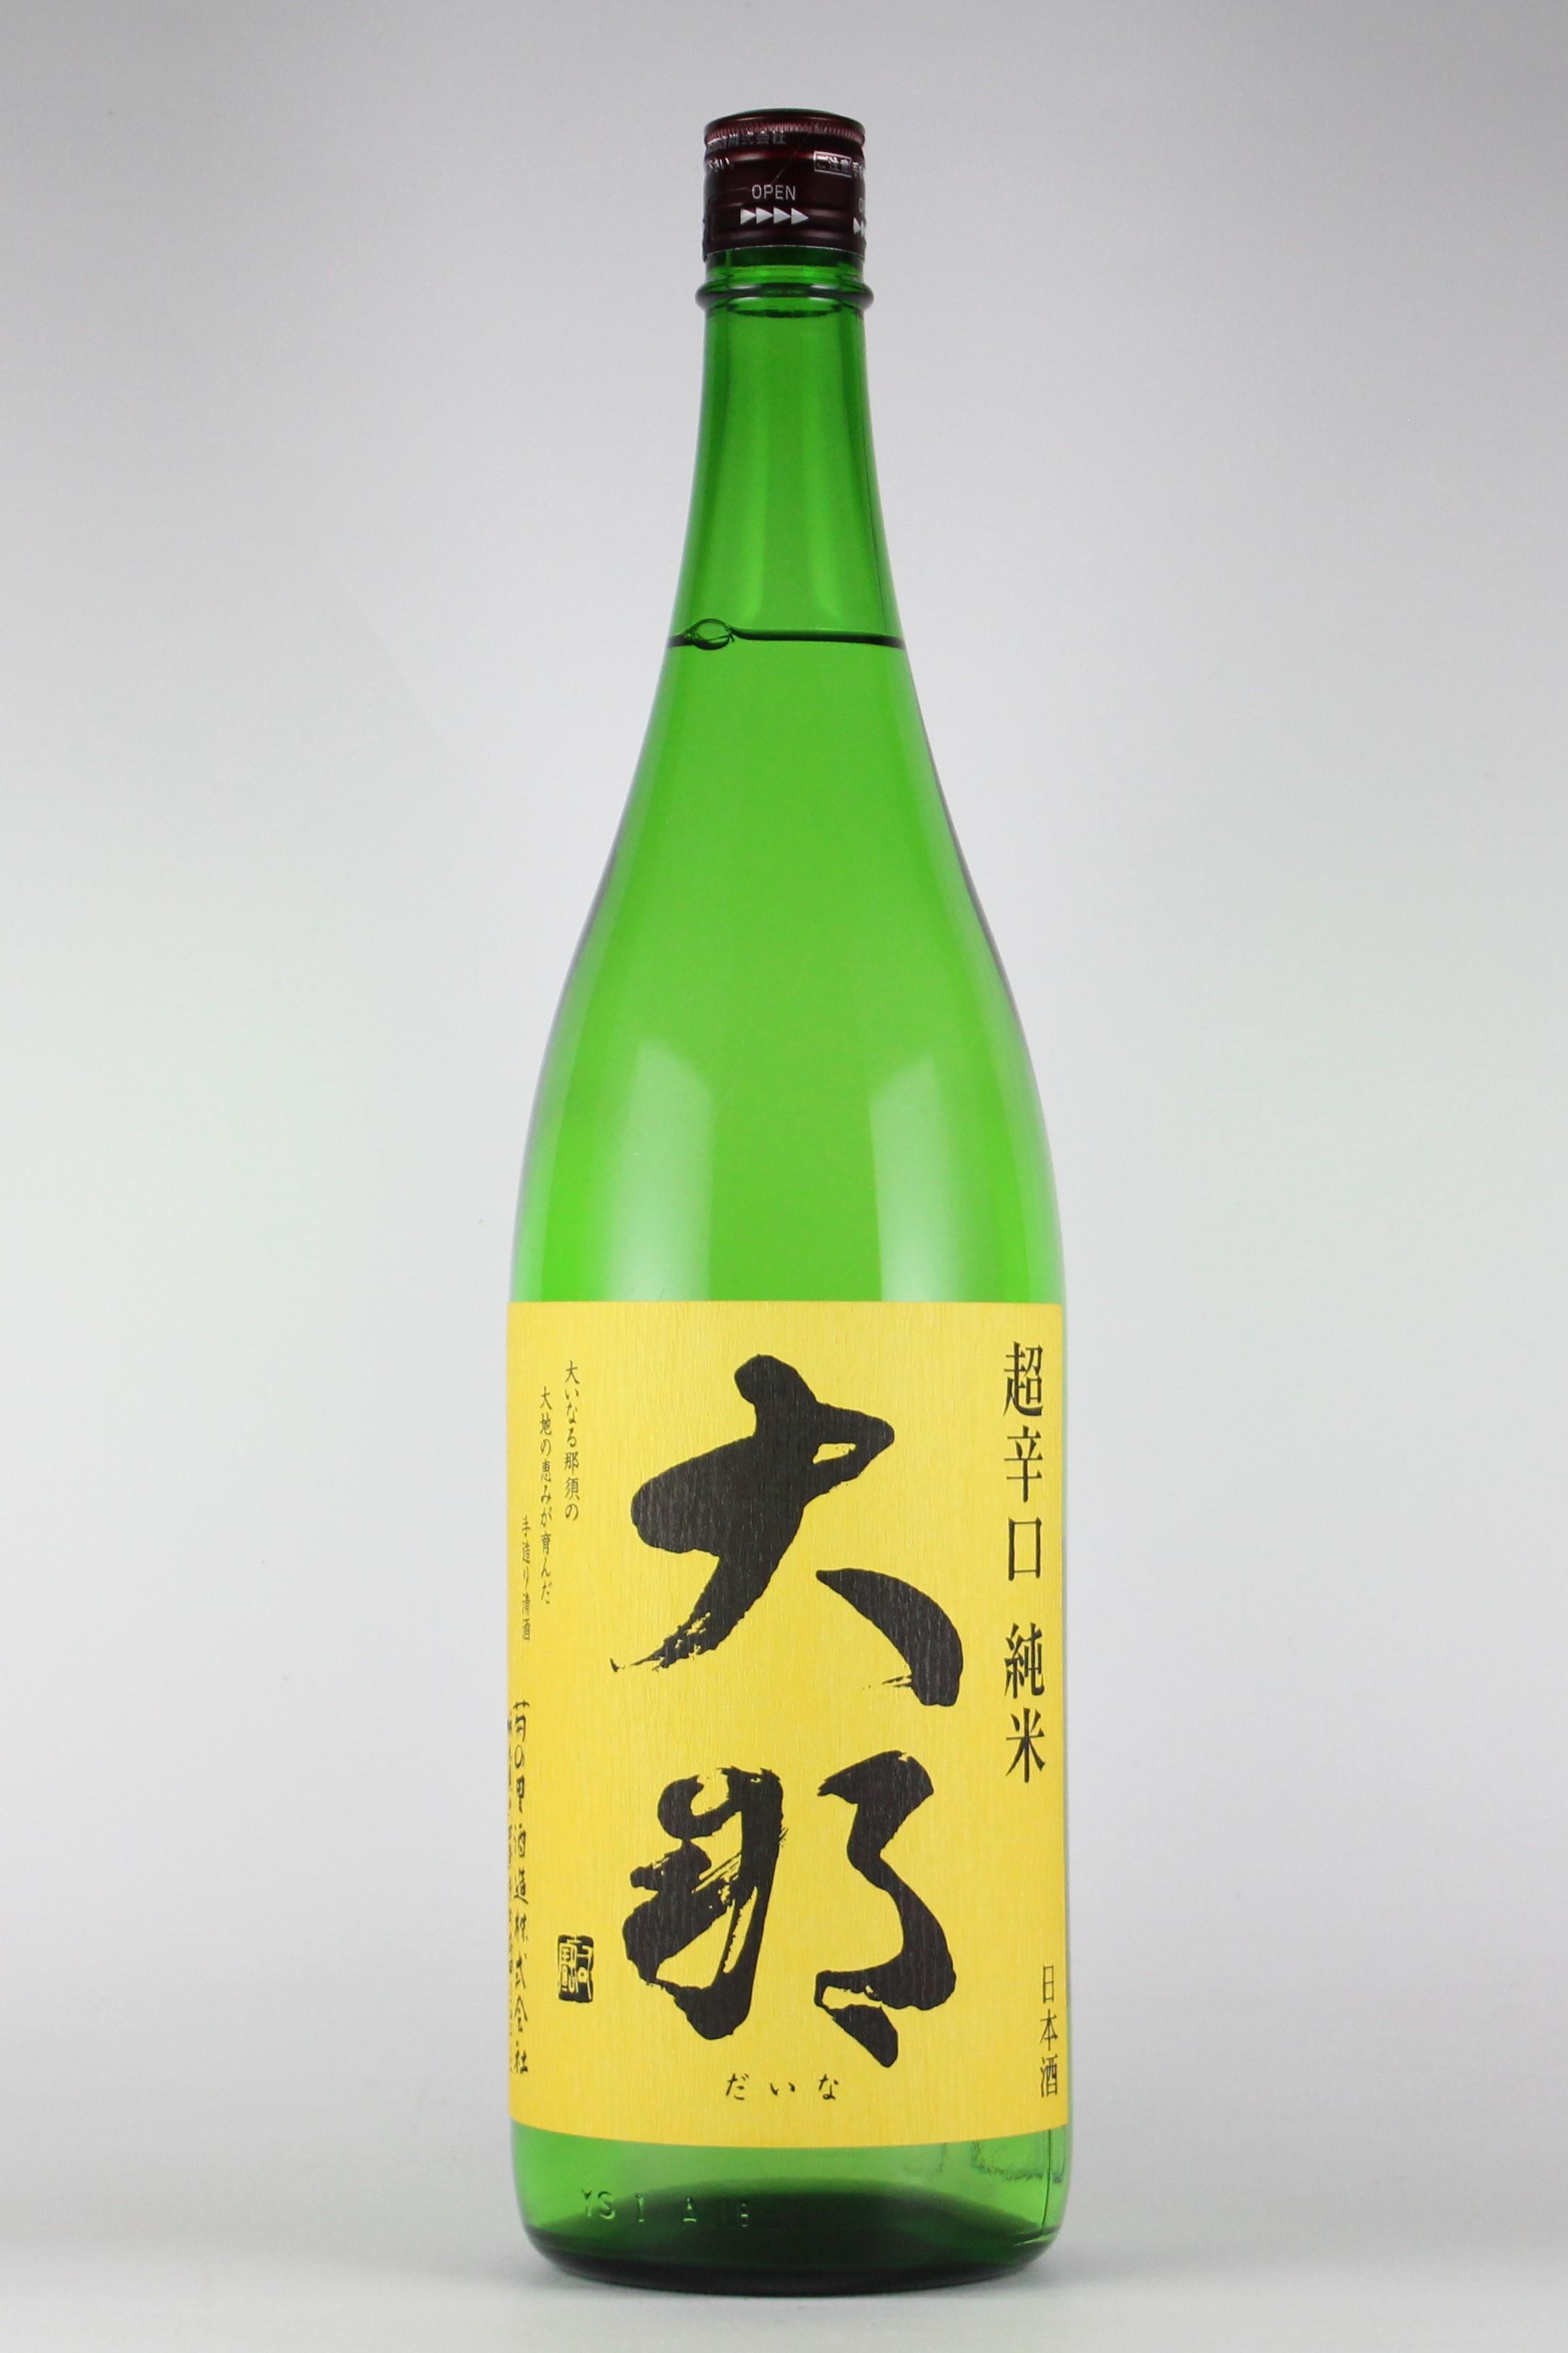 大那 超辛口純米 五百万石 1800ml 【栃木/菊の里酒造】